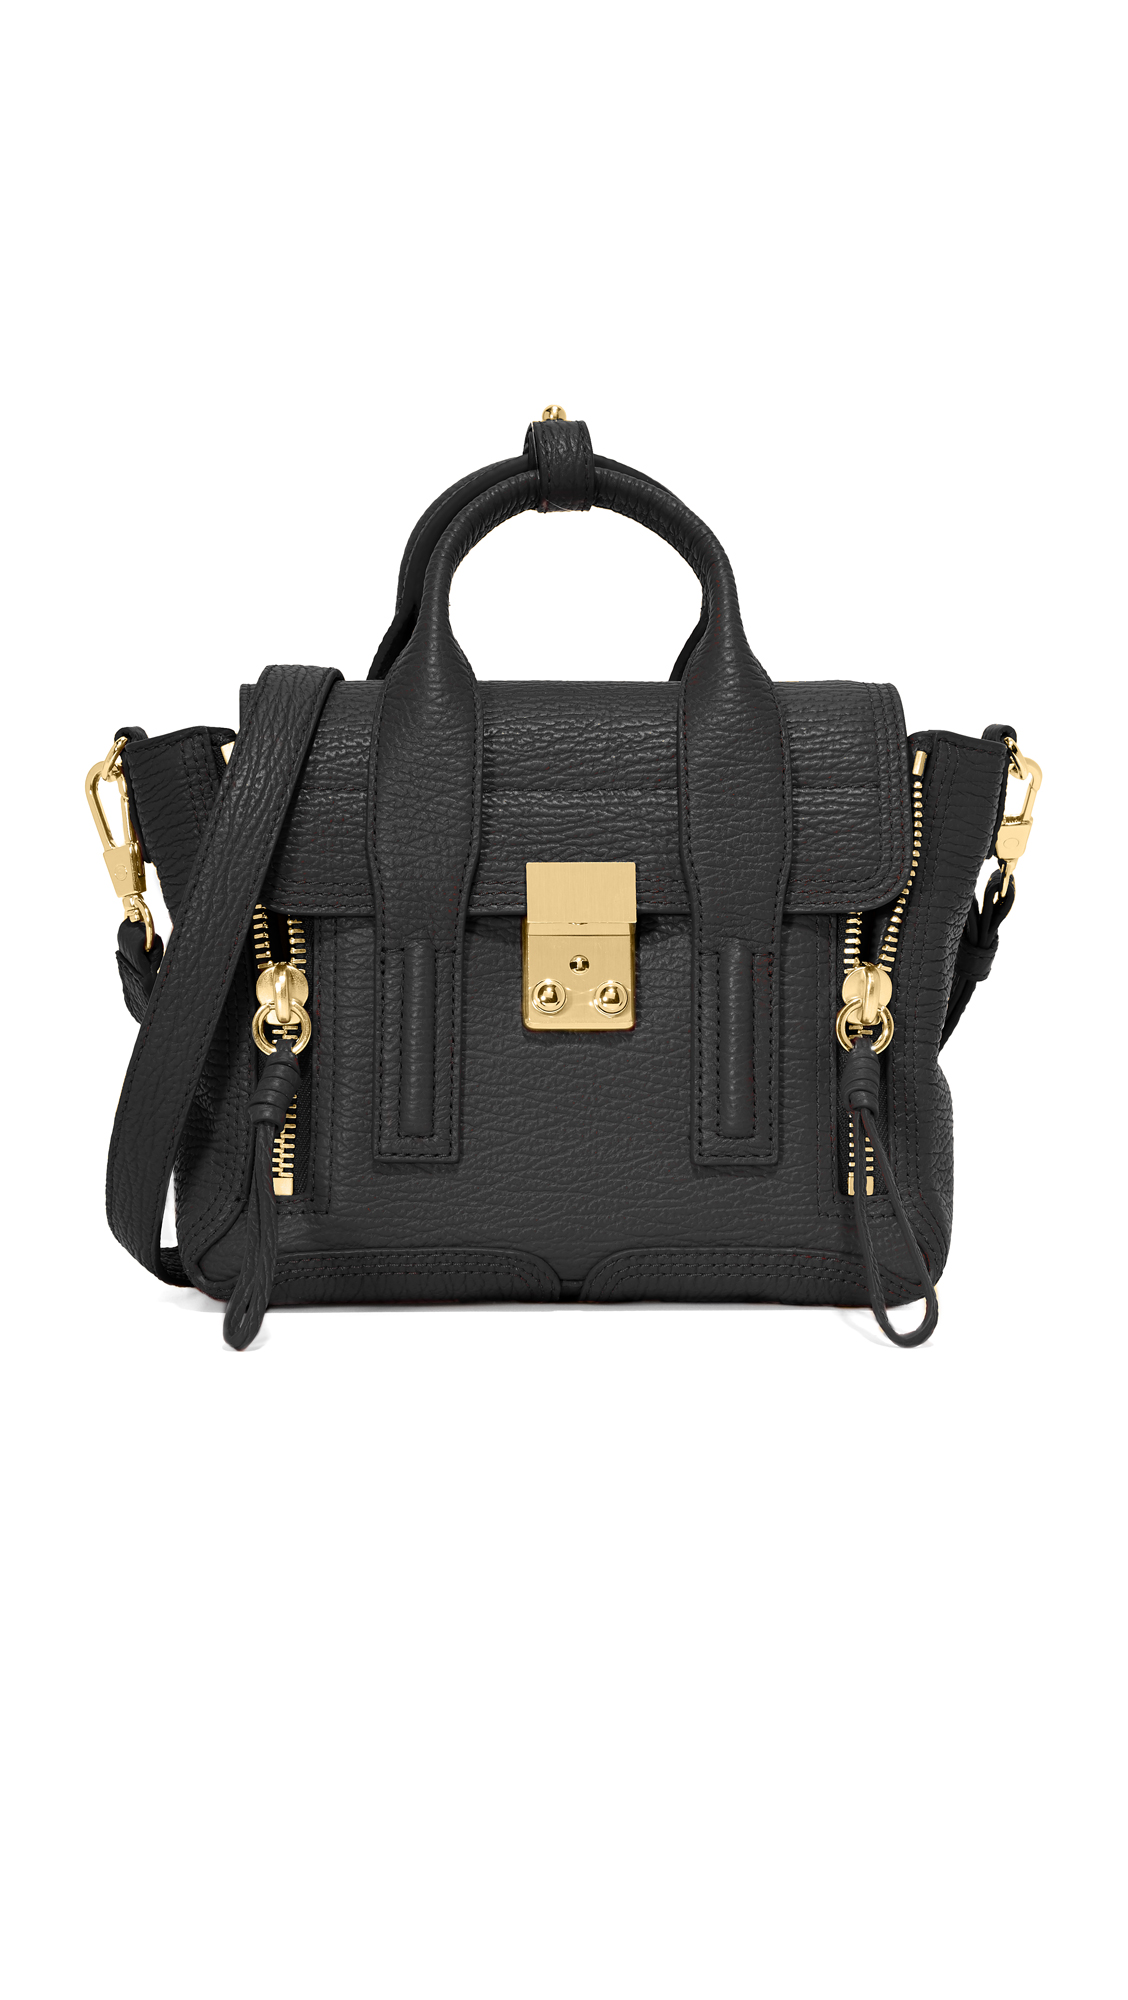 31 phillip lim female 31 phillip lim pashli mini satchel black